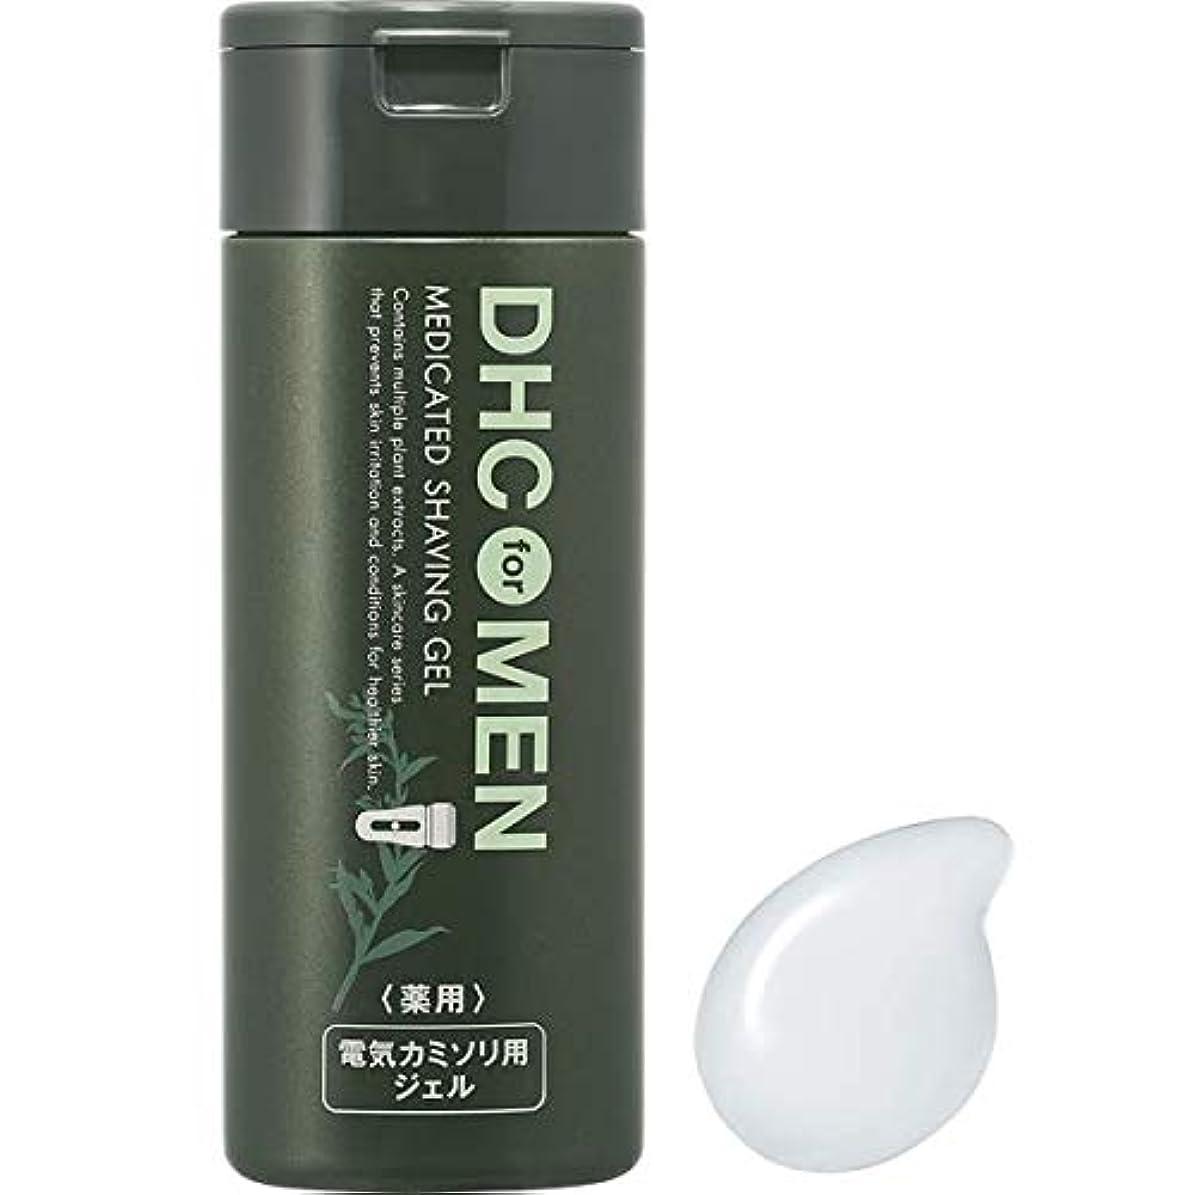 変えるオーディション合理的DHC for MEN 薬用 シェービング ジェル(電気カミソリ用ジェル)